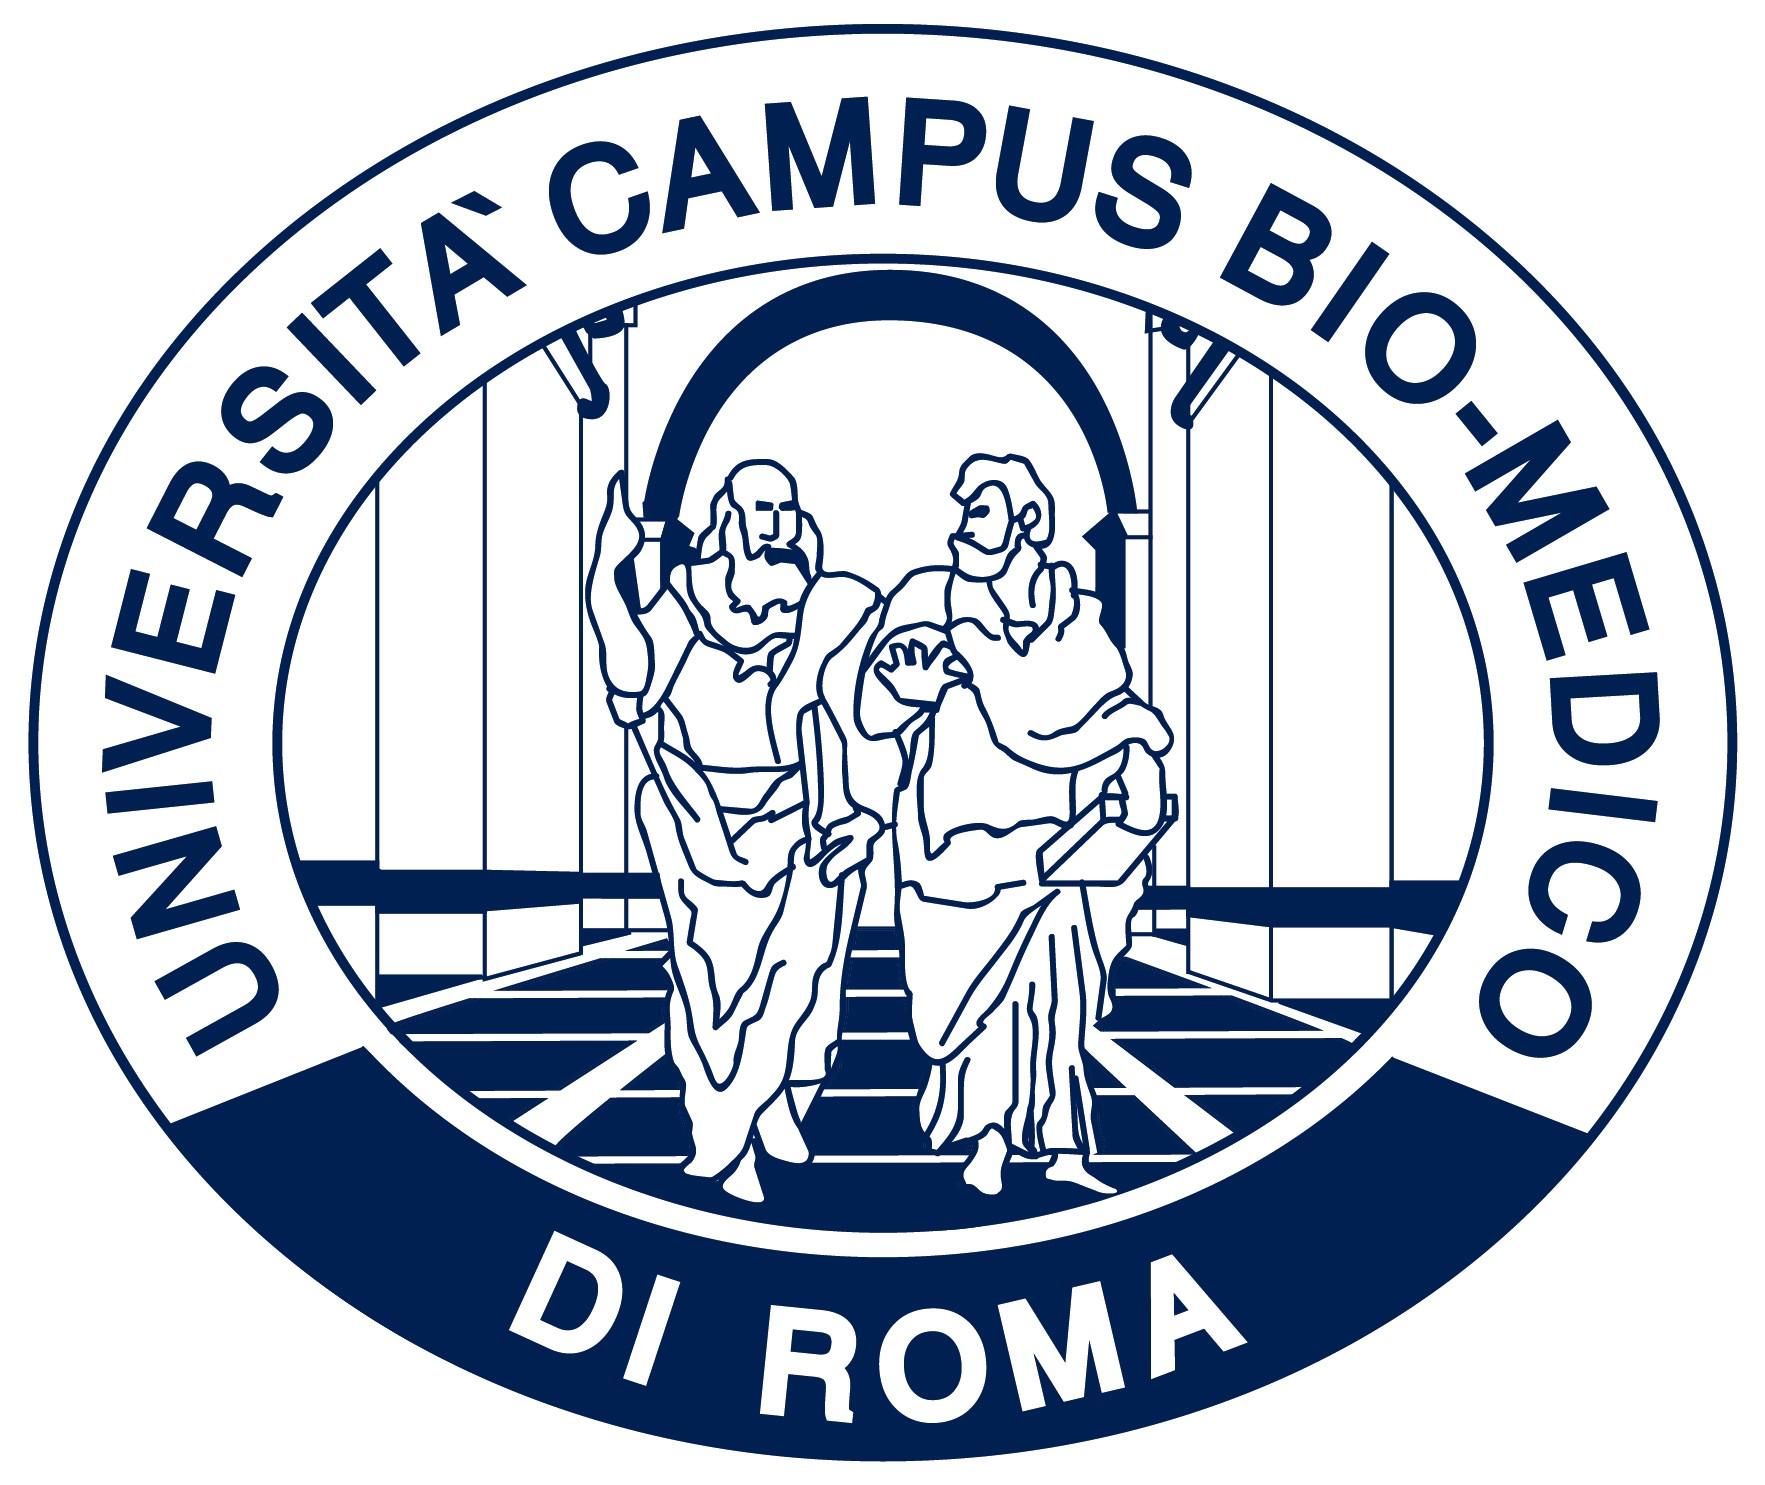 Rete del Dono - Policlinico Univ. Campus Bio-Medico